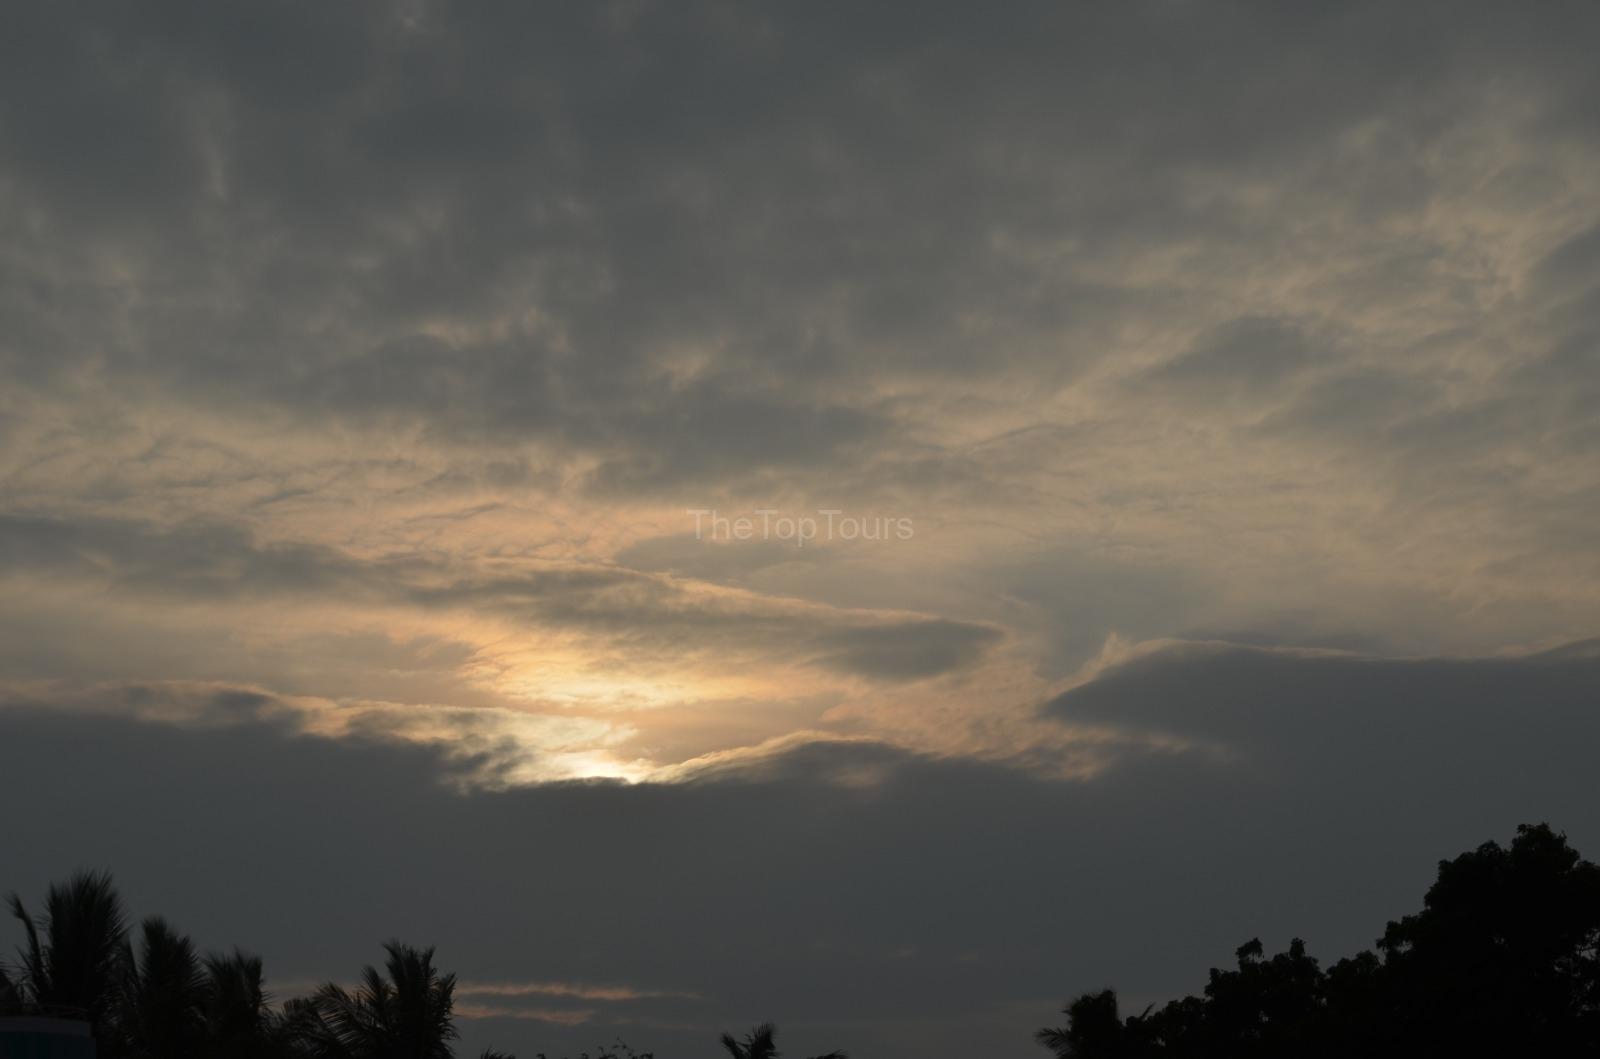 Madurai Cloudy Sky Sunset Beautiful Nature